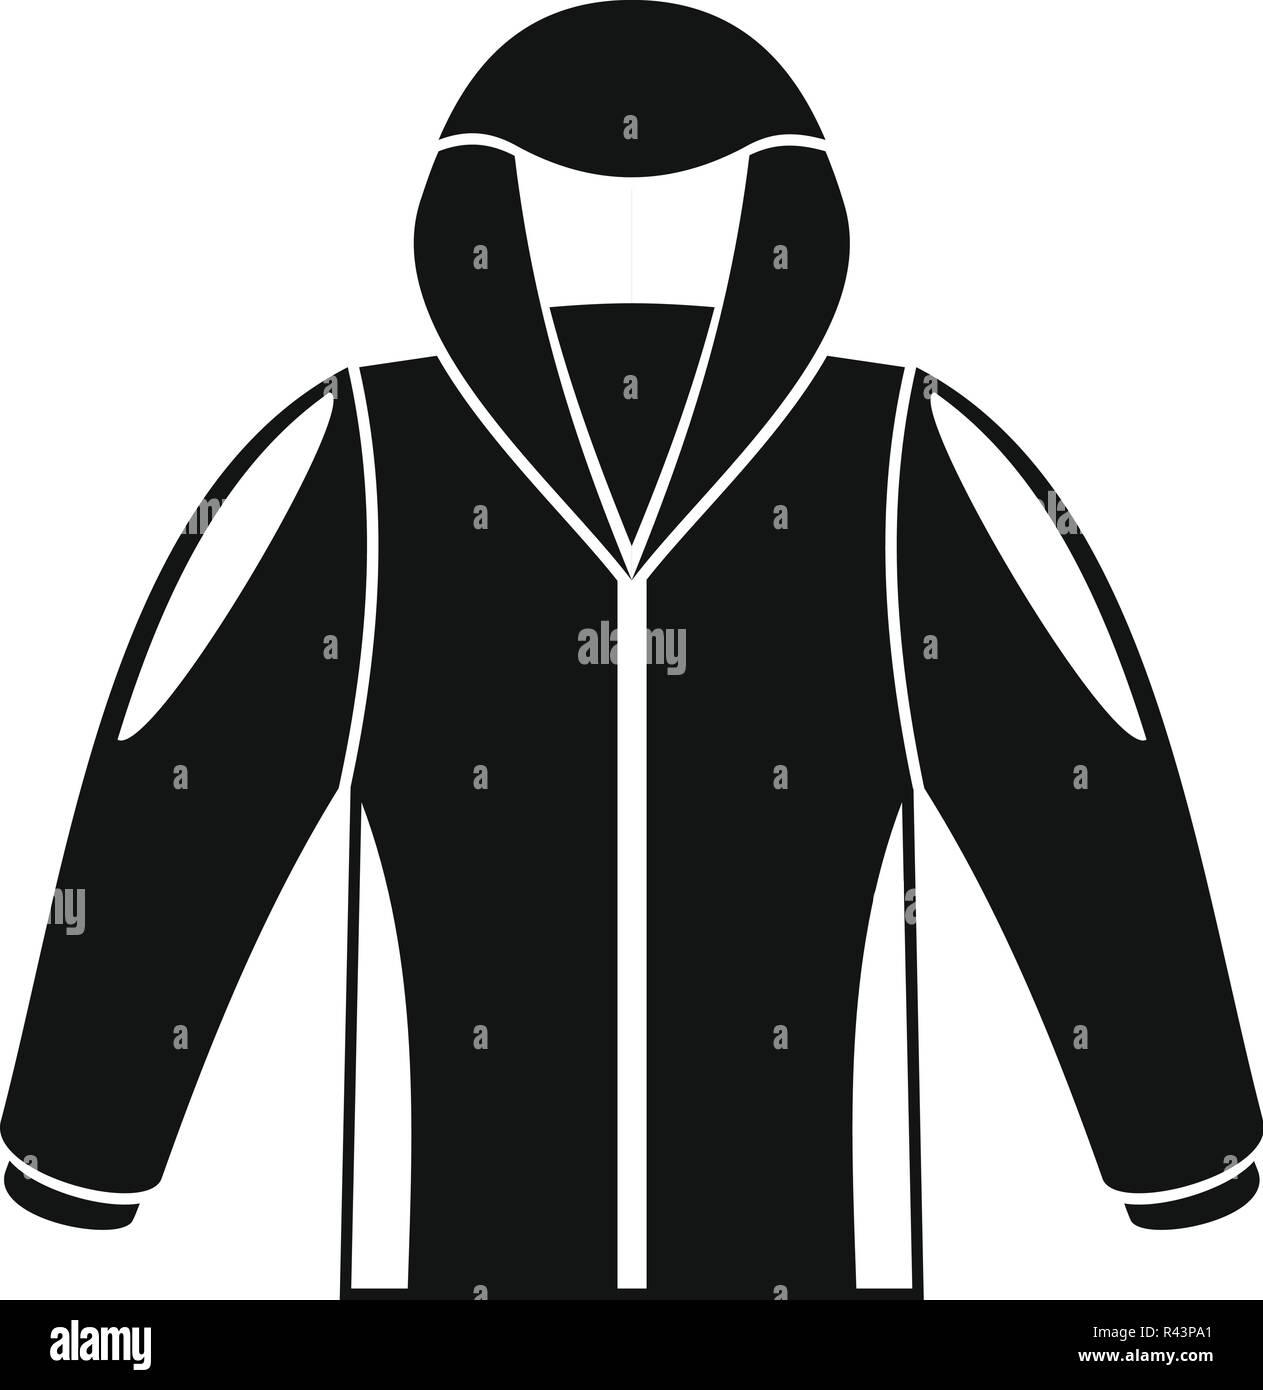 b31d5d31c686 Camp jacke Symbol. Einfache Abbildung  Camp jacke Vektor Symbol für Web  Design auf weißem